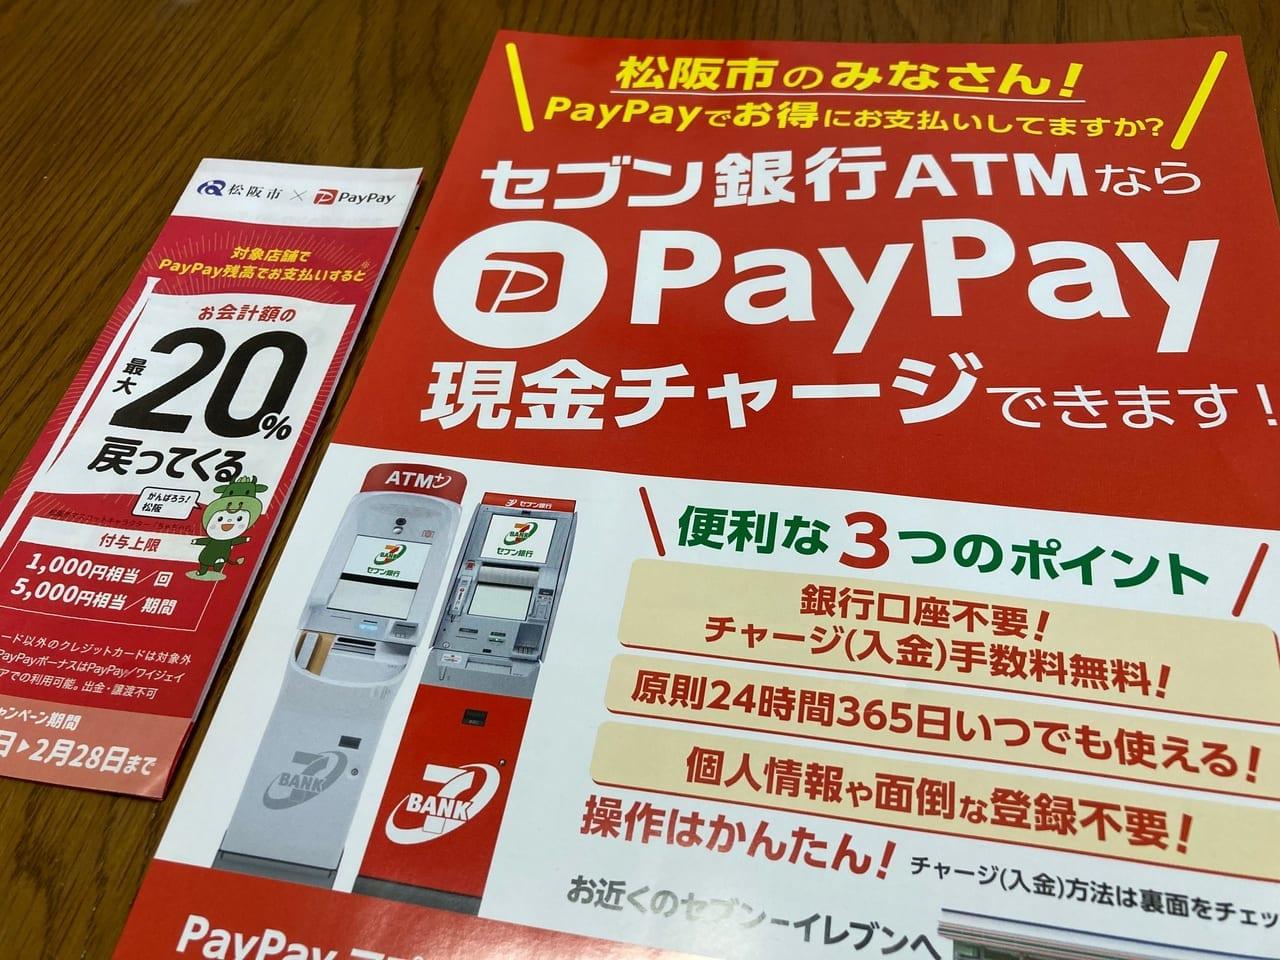 セブン銀行ATMでPayPay現金チャージのチラシと松阪市×PayPayのパンフレット